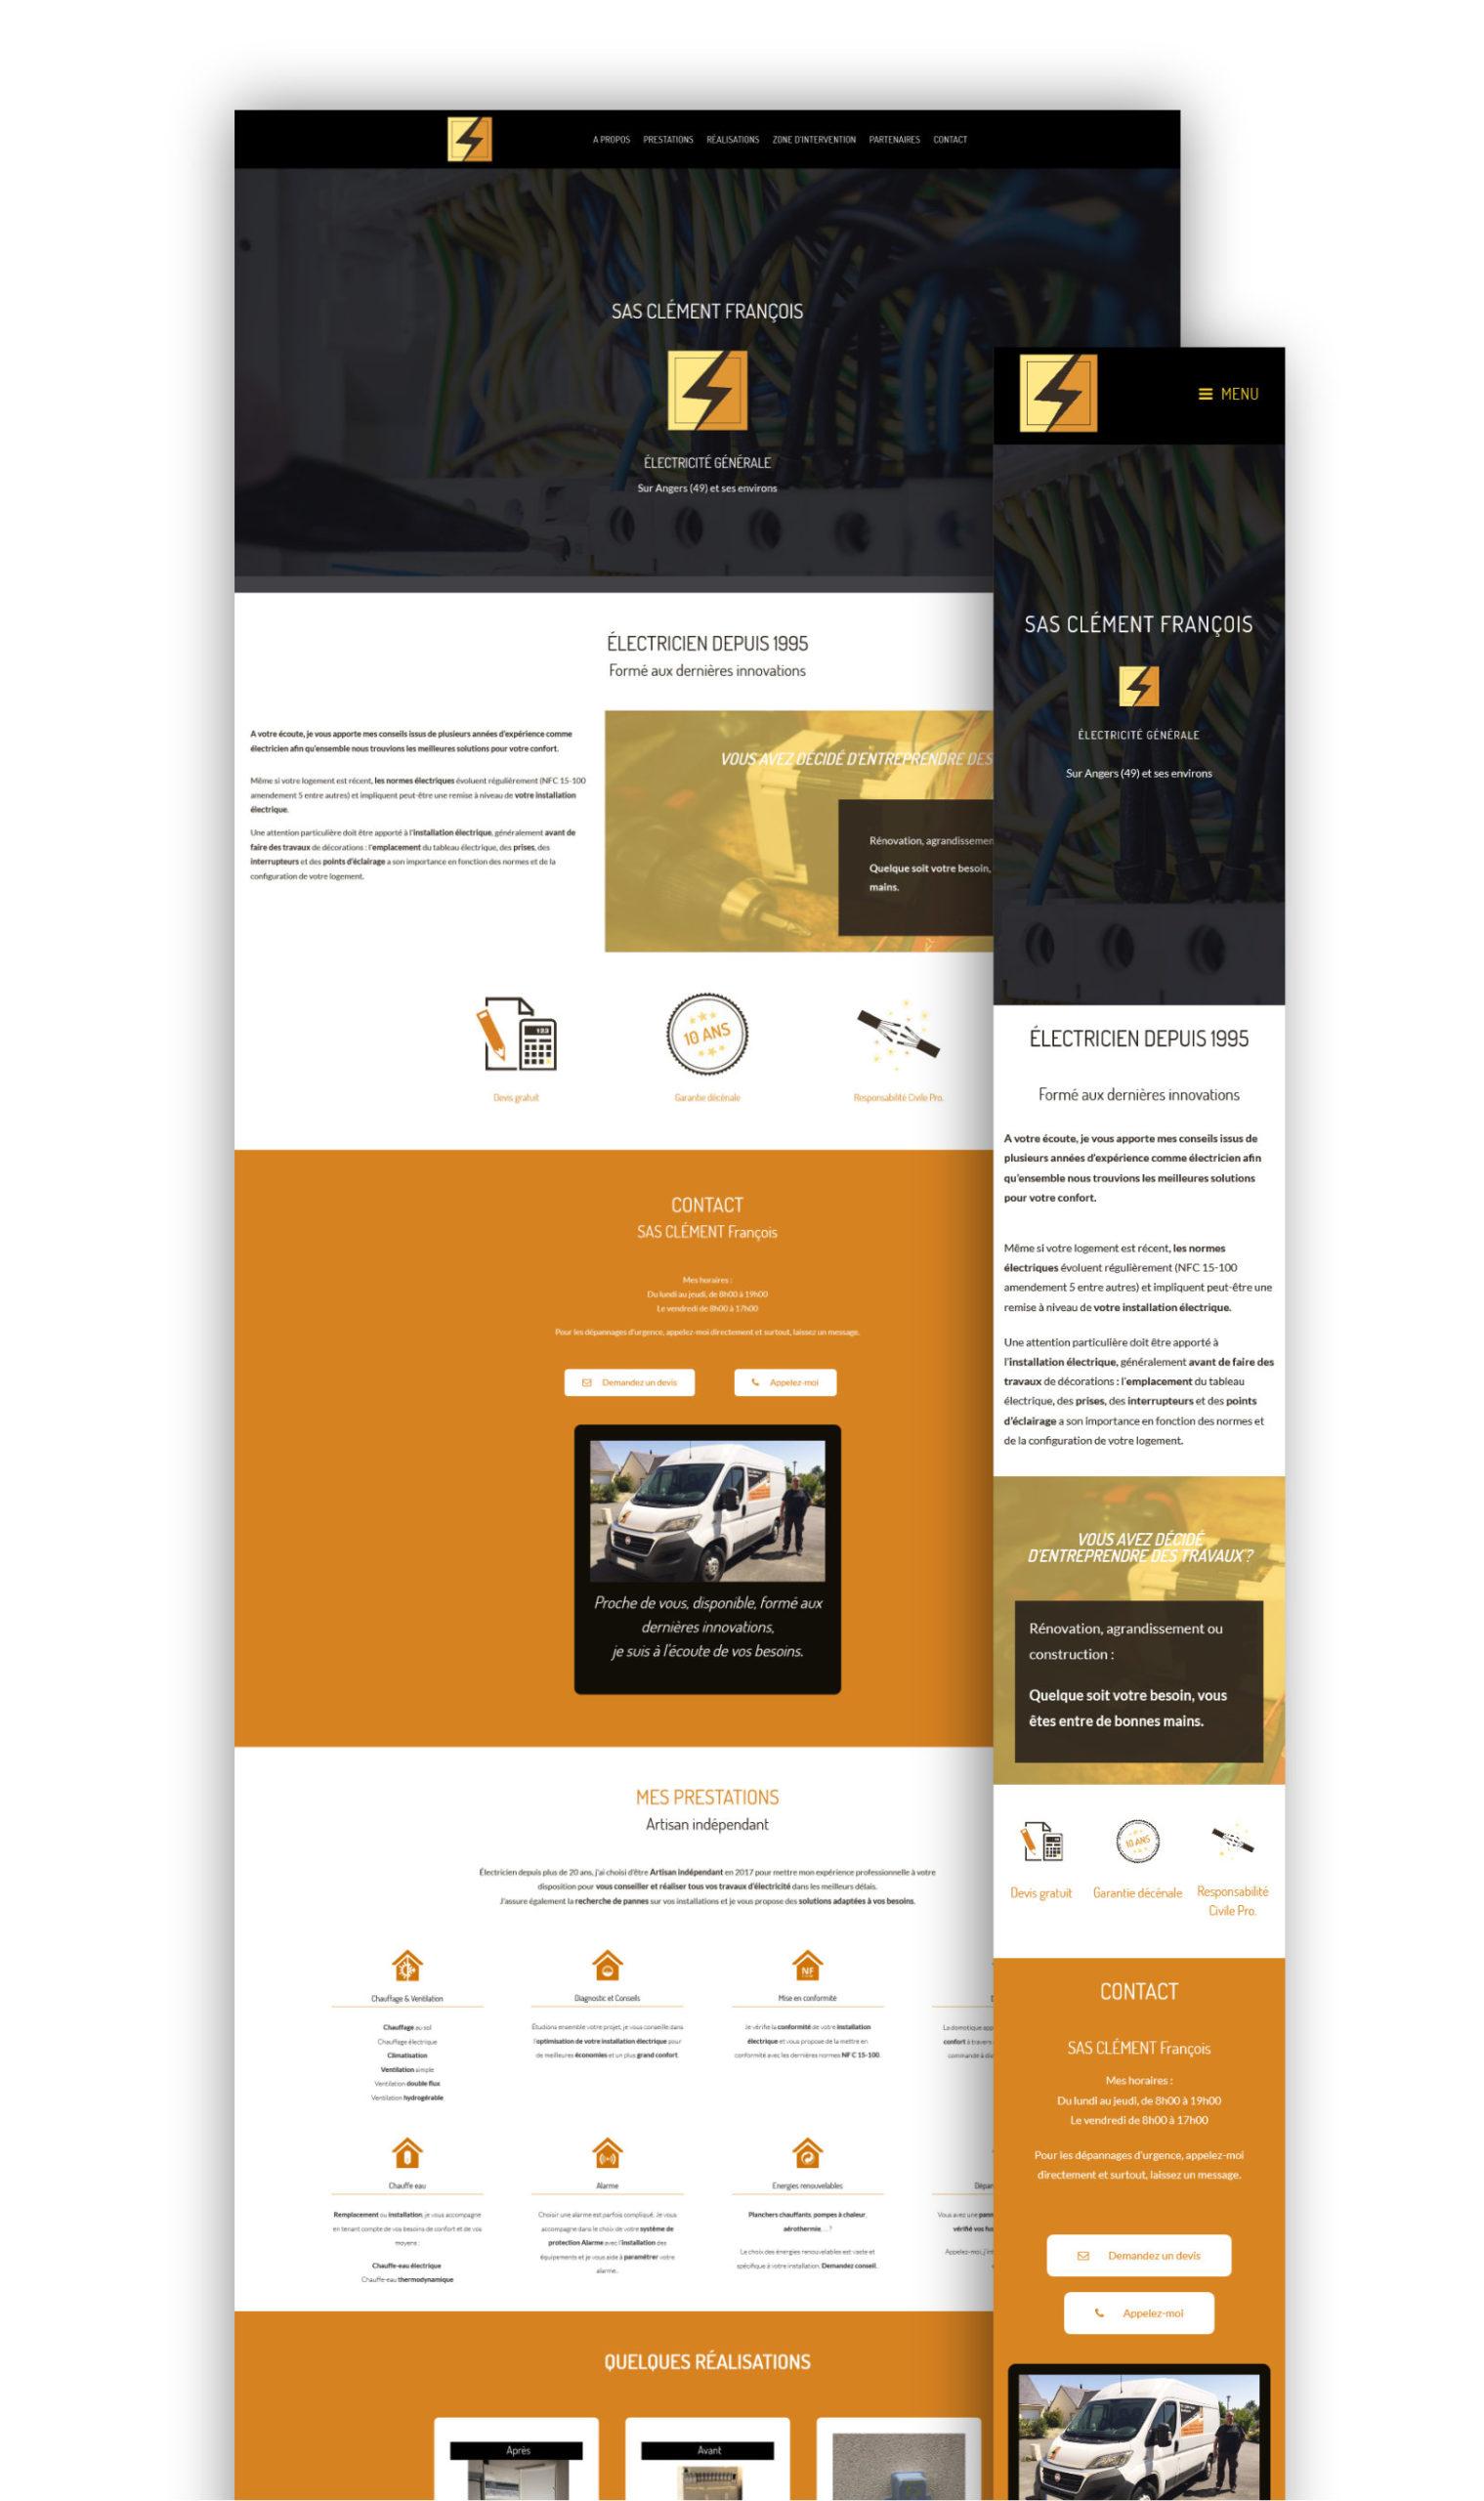 Wawaweb - Pascale Maire - Webdesigner indépendant - boutique en ligne pour François CLEMENT, électricien indépendant à Angers